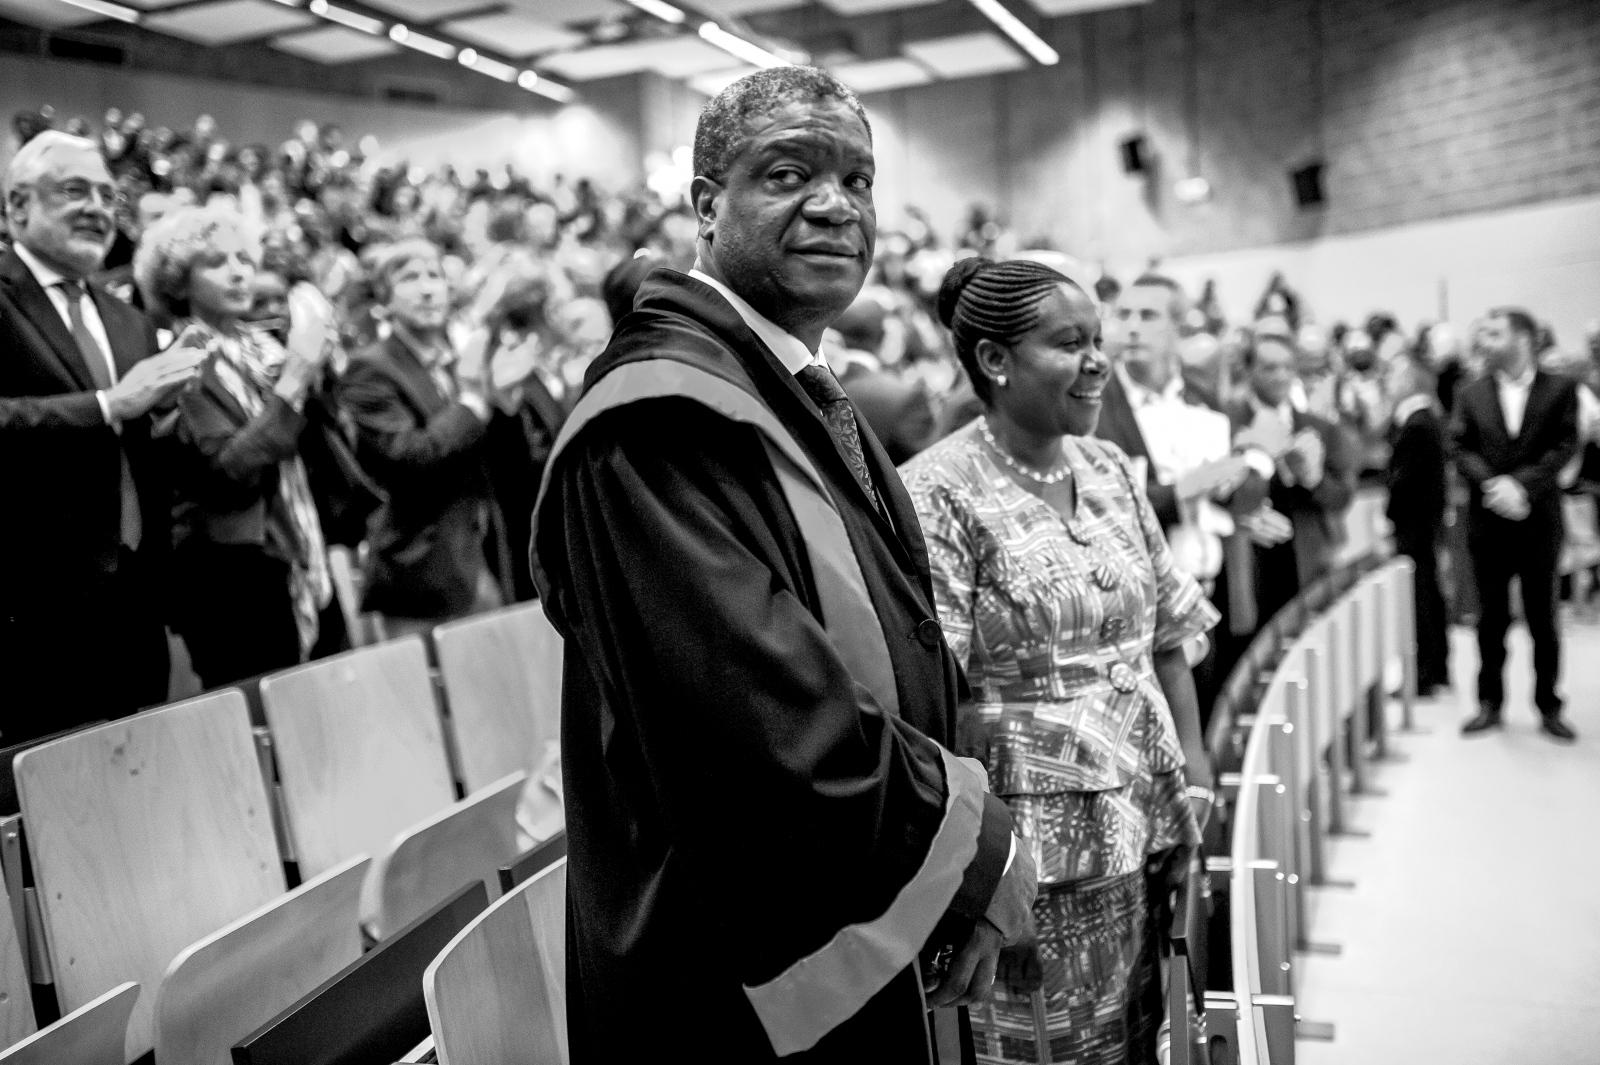 Photography image - Loading Mugwege_1.jpg